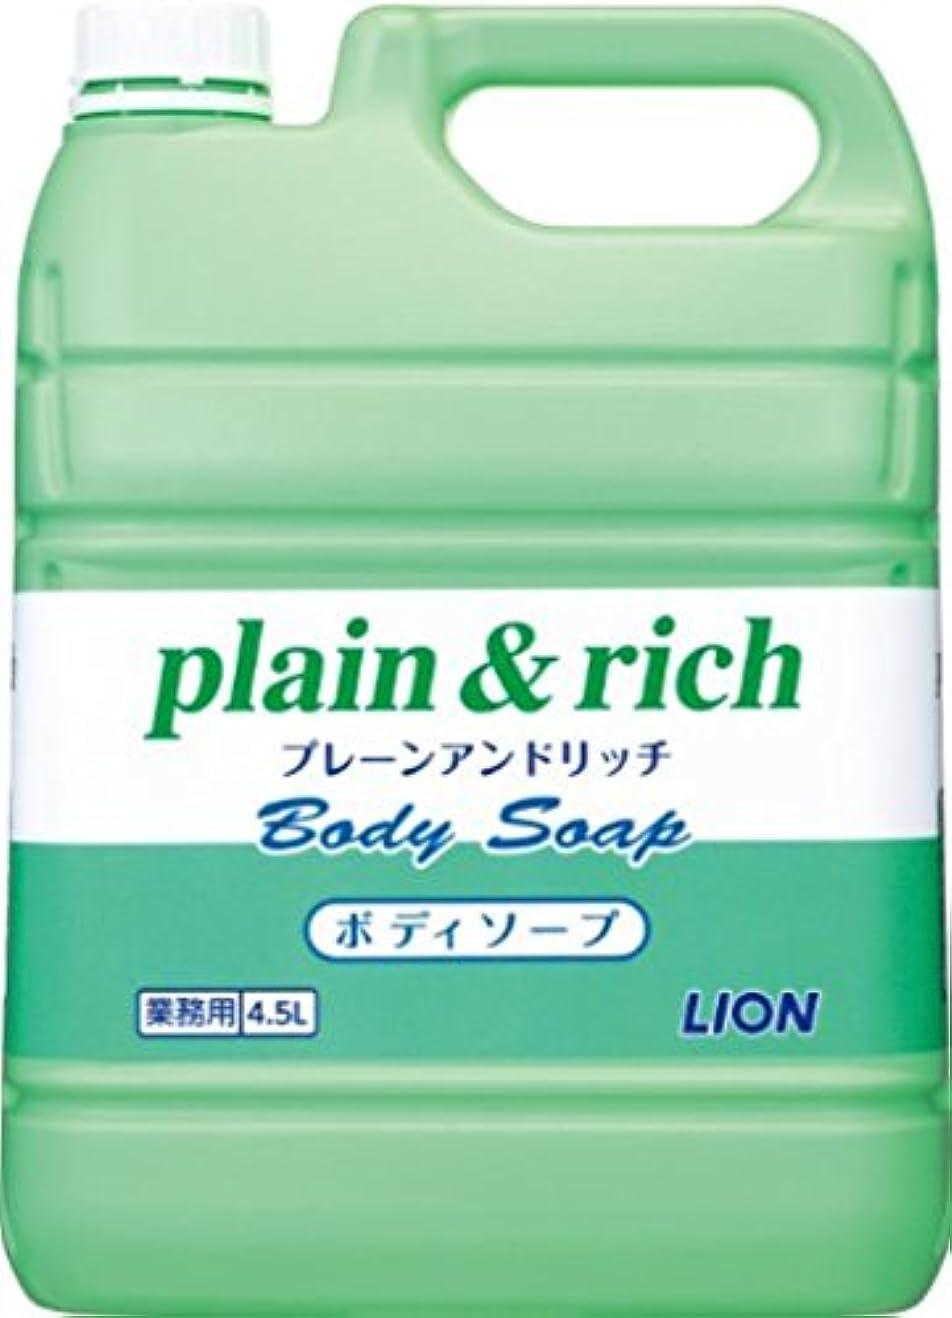 壊れた不幸毛皮(まとめ買い)ライオン プレーン&リッチ ボディーソープ業務用4.5L 【×2セット】